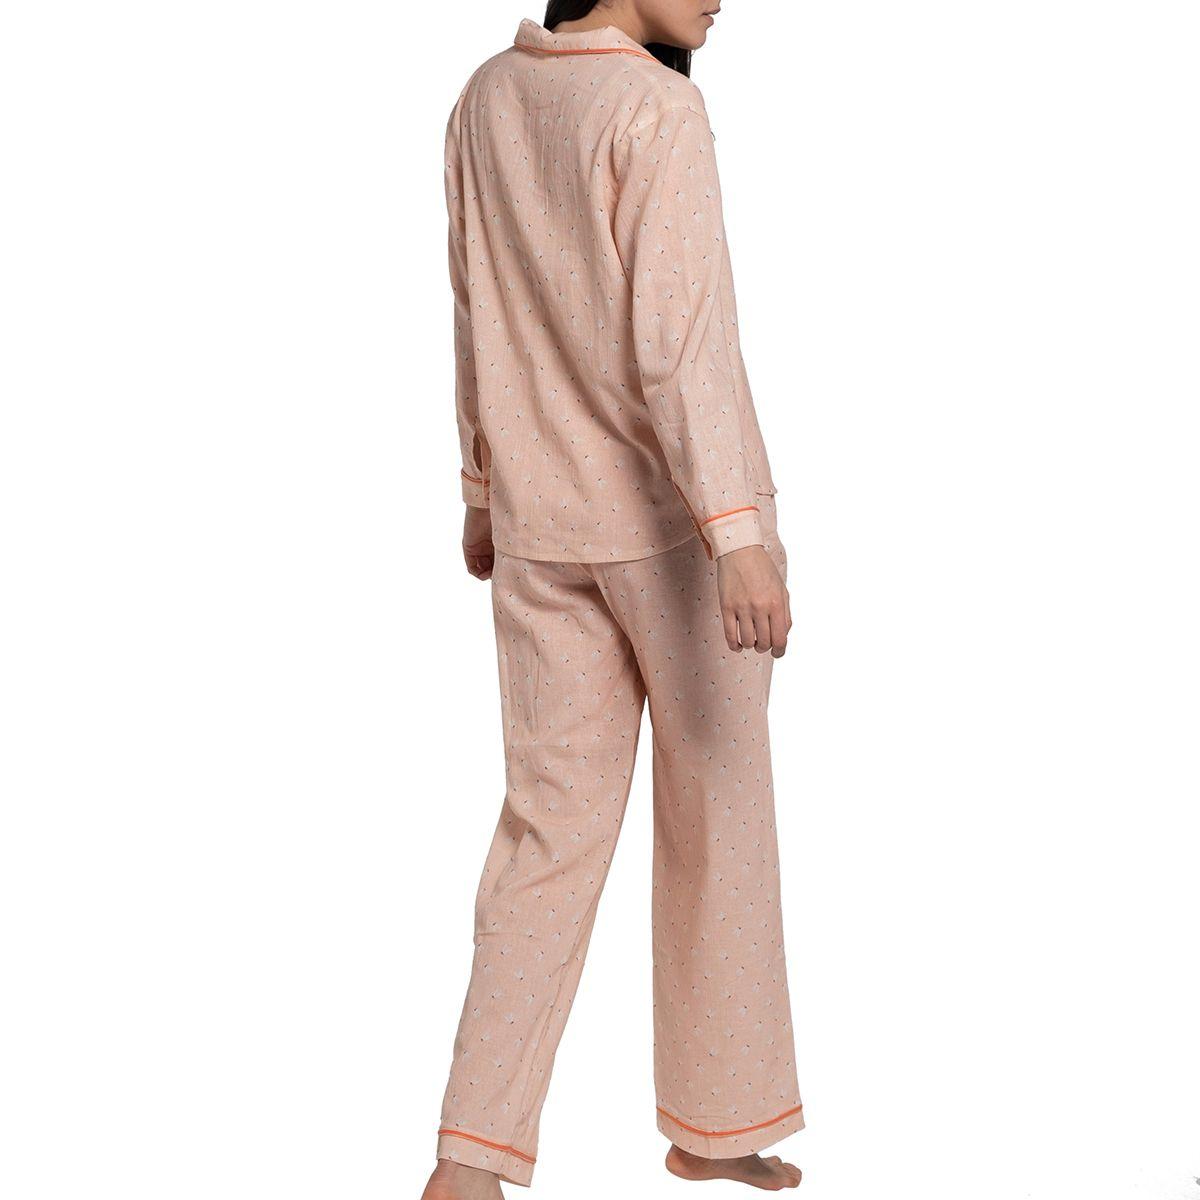 Pyjamas Bali - Printed Fabric